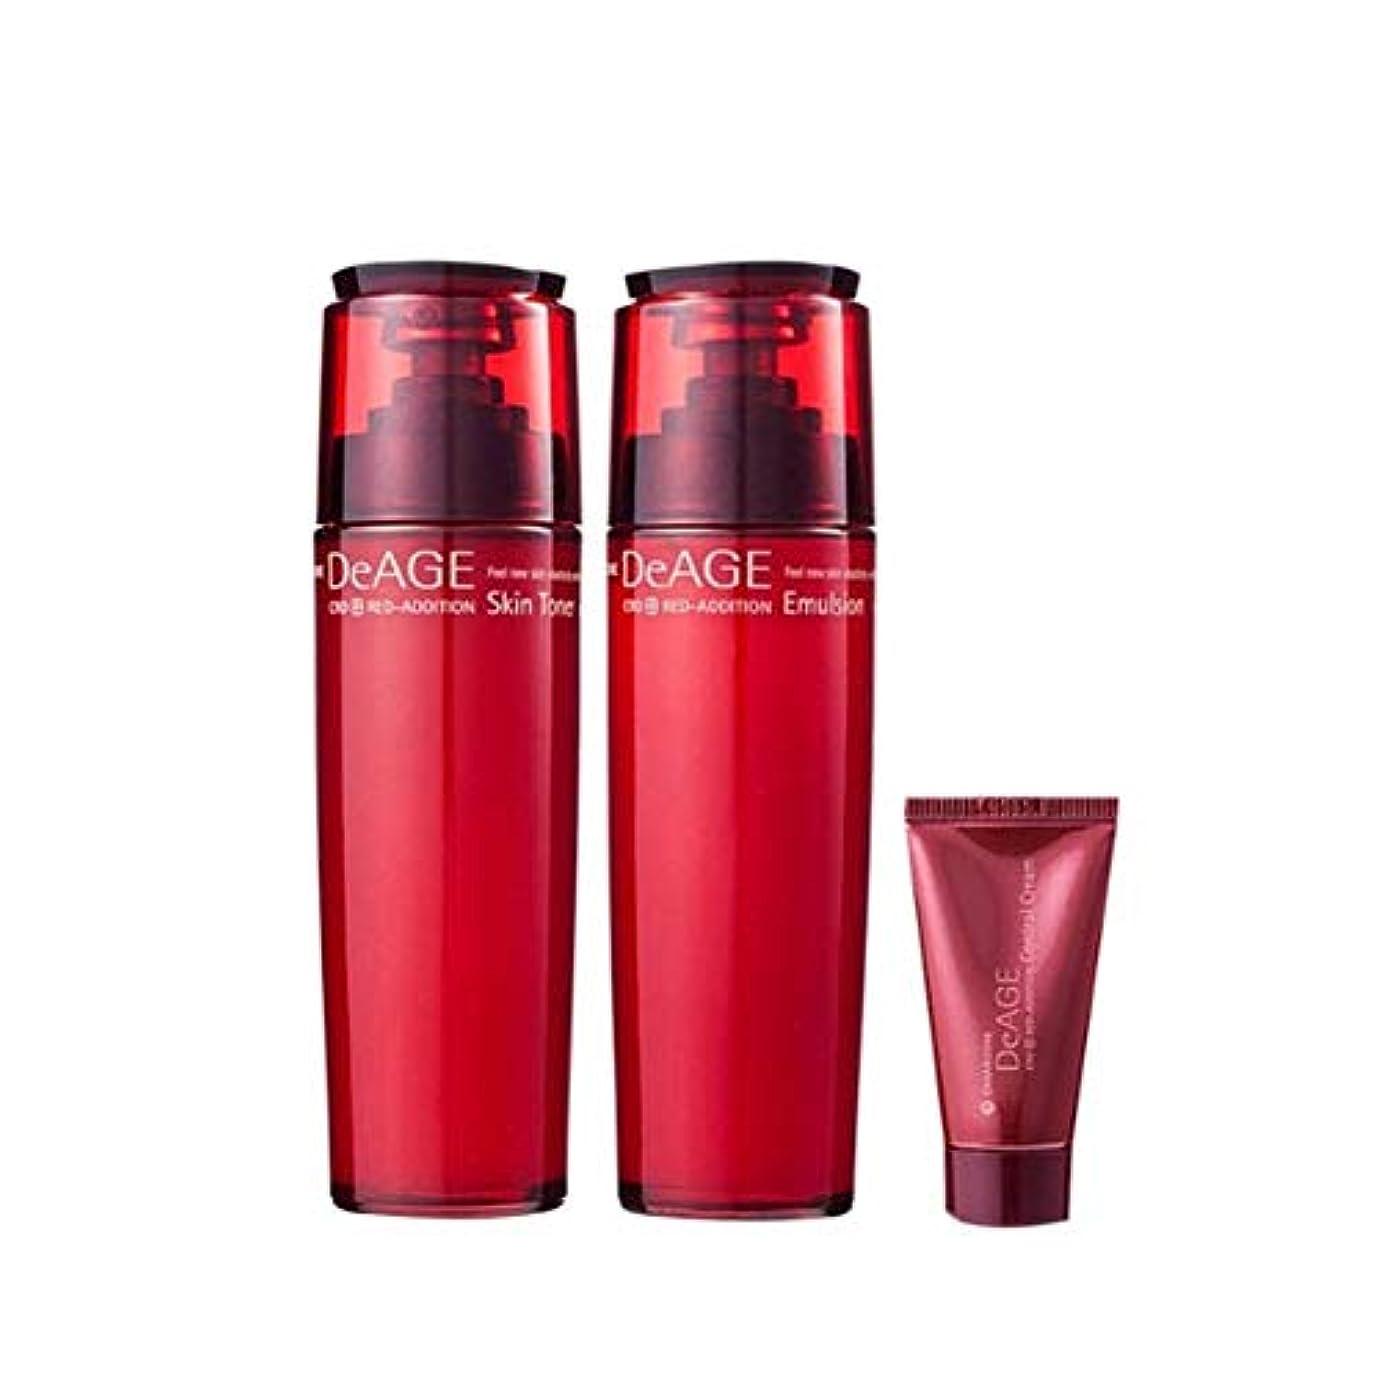 望み削除する把握チャムジョンディエイジレッドエディションセット(スキントナー130ml、エマルジョン130ml、コントロールクリーム15ml)、Charmzone DeAGE Red Addition Set(Skin Toner 130ml、Emulsion 130ml、Control Cream 15ml) [並行輸入品]